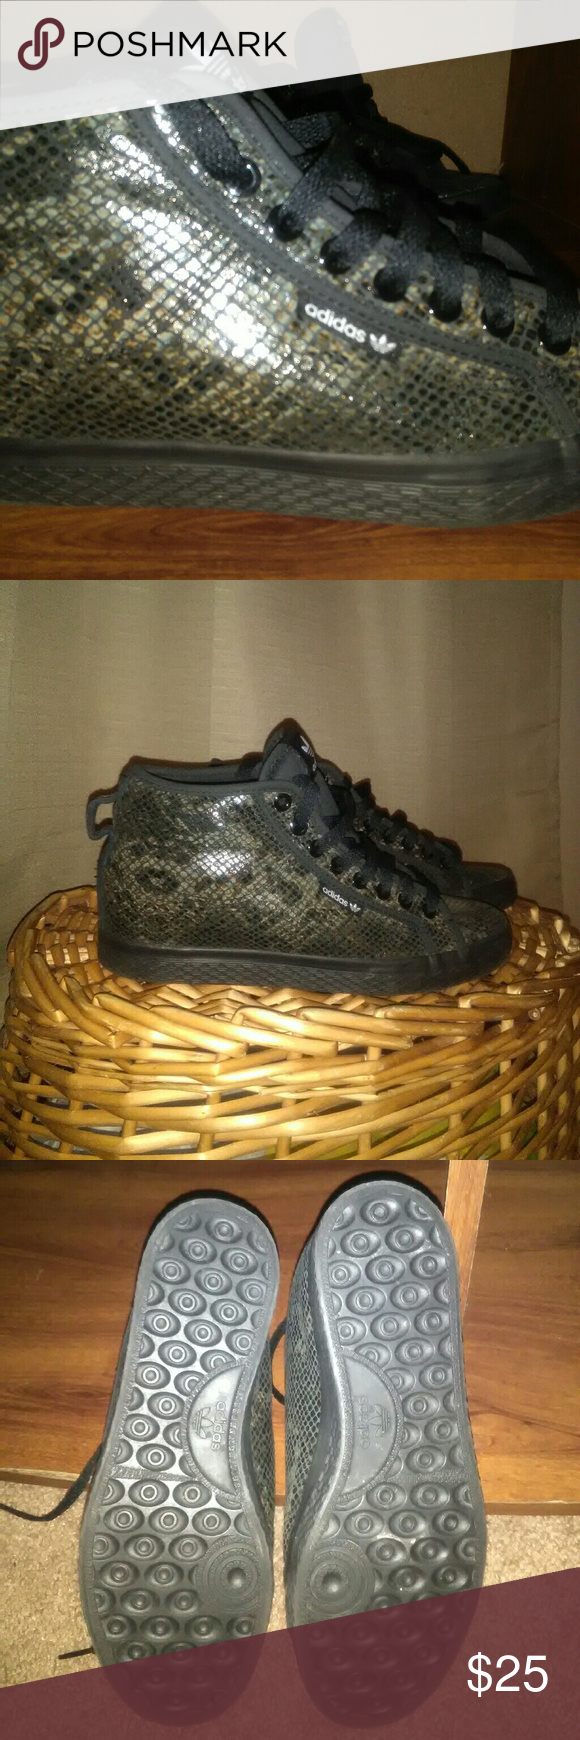 Adidas adidas 3 Streifen la marca de zapatos con